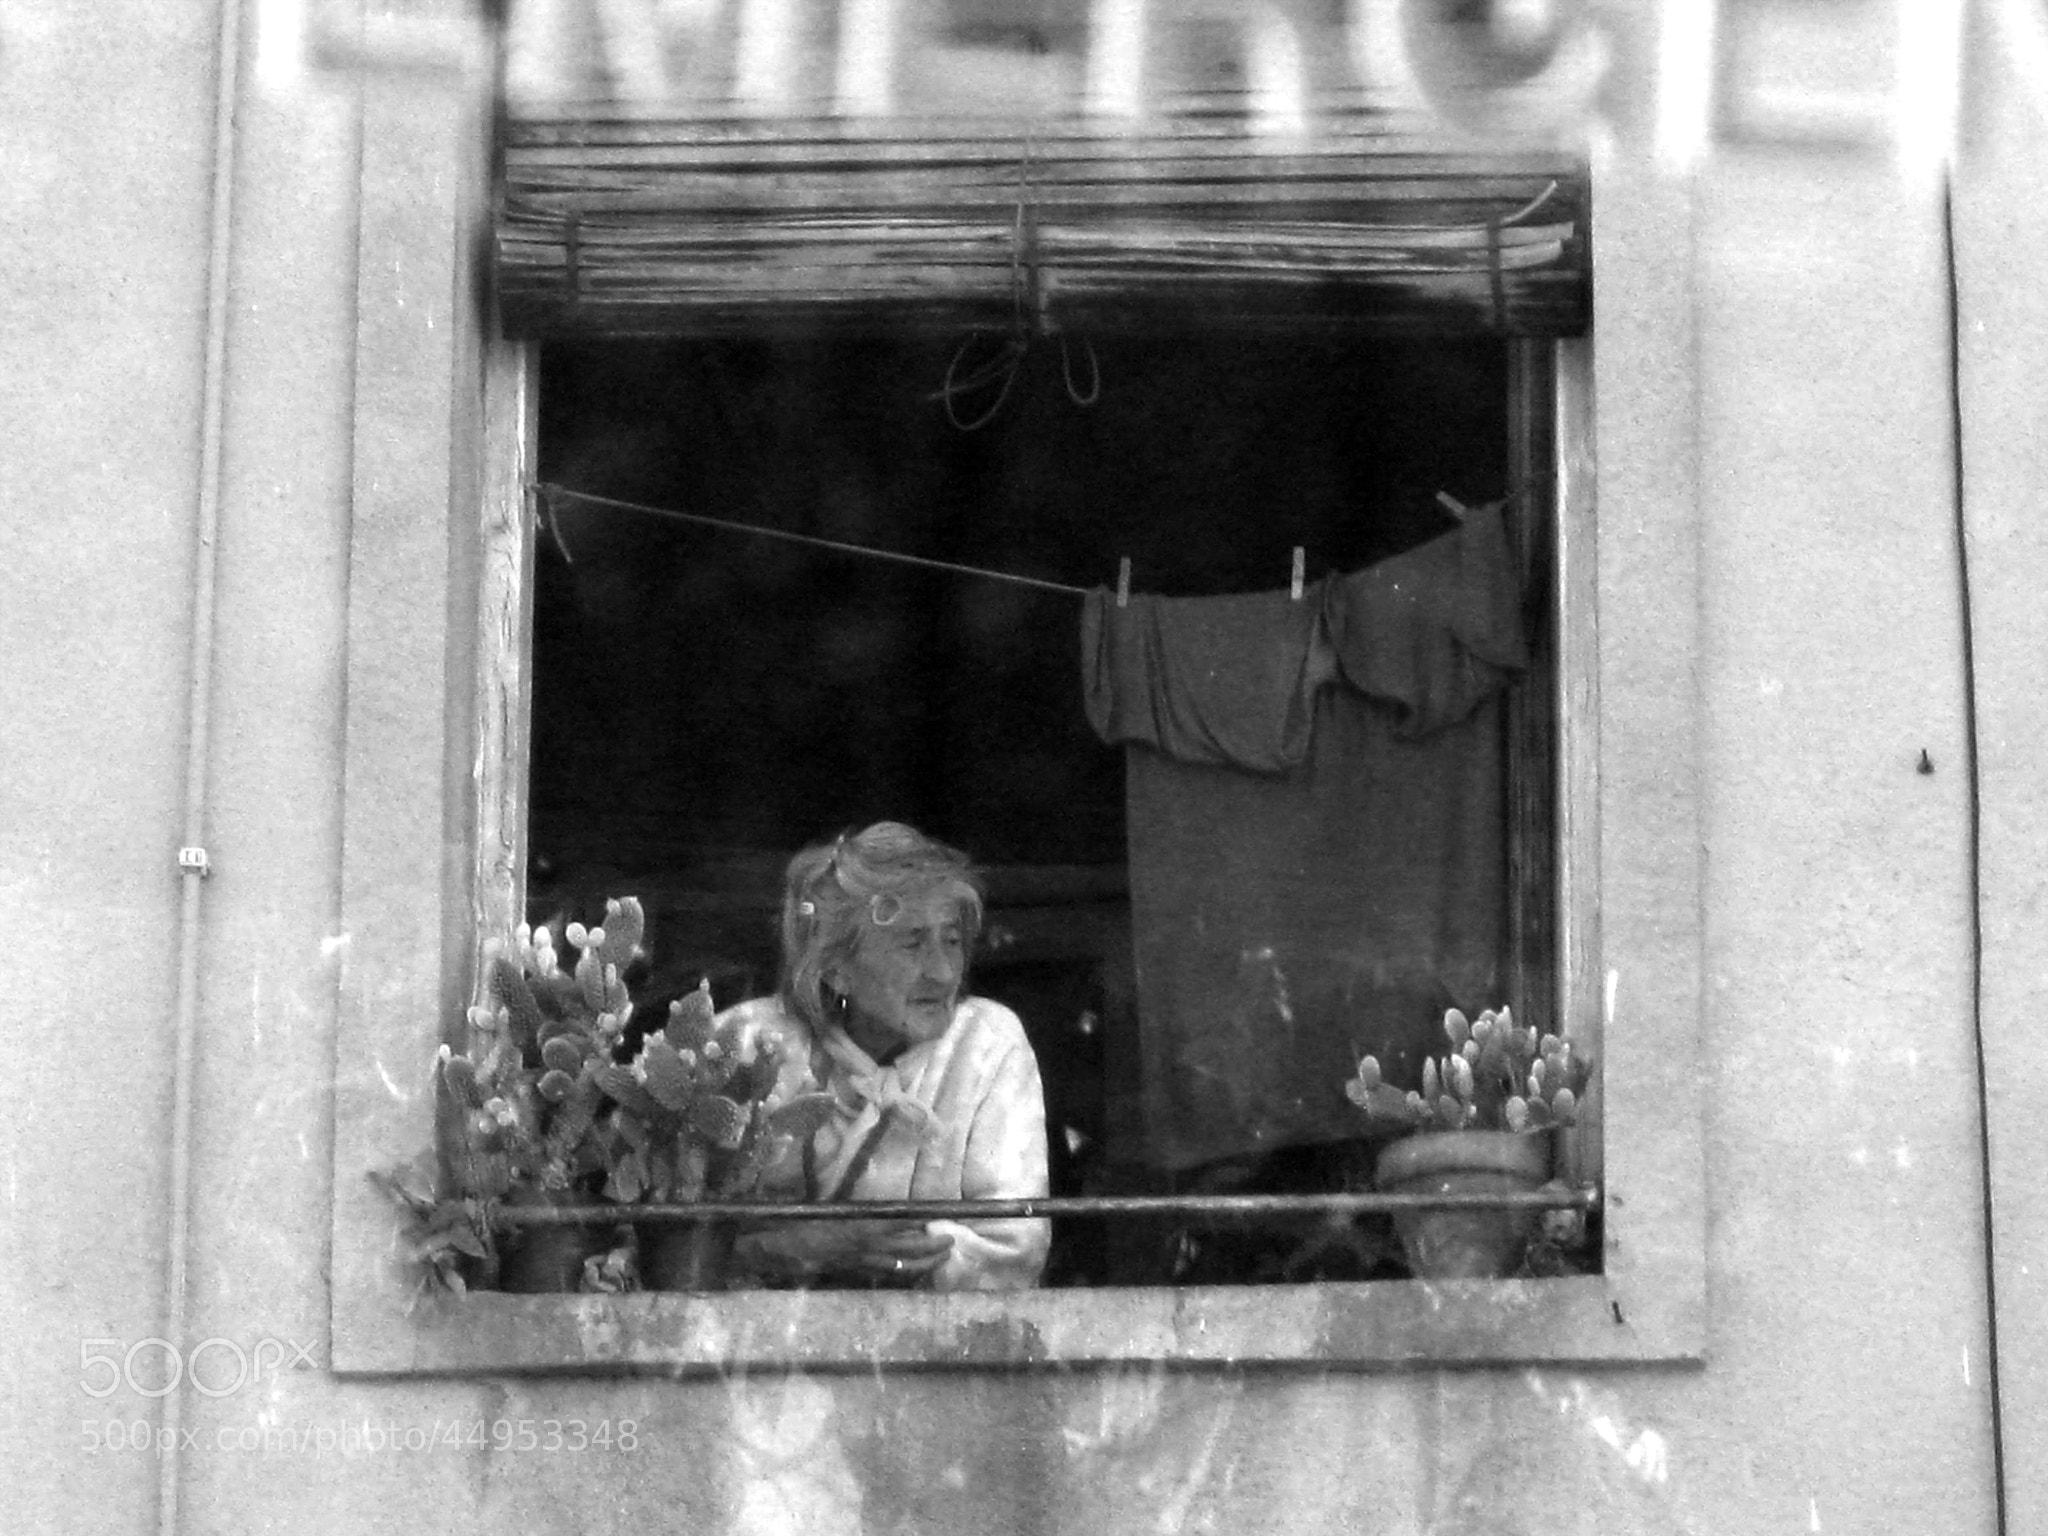 Photograph El mundo desde mi ventana by Rebeca Moncho on 500px